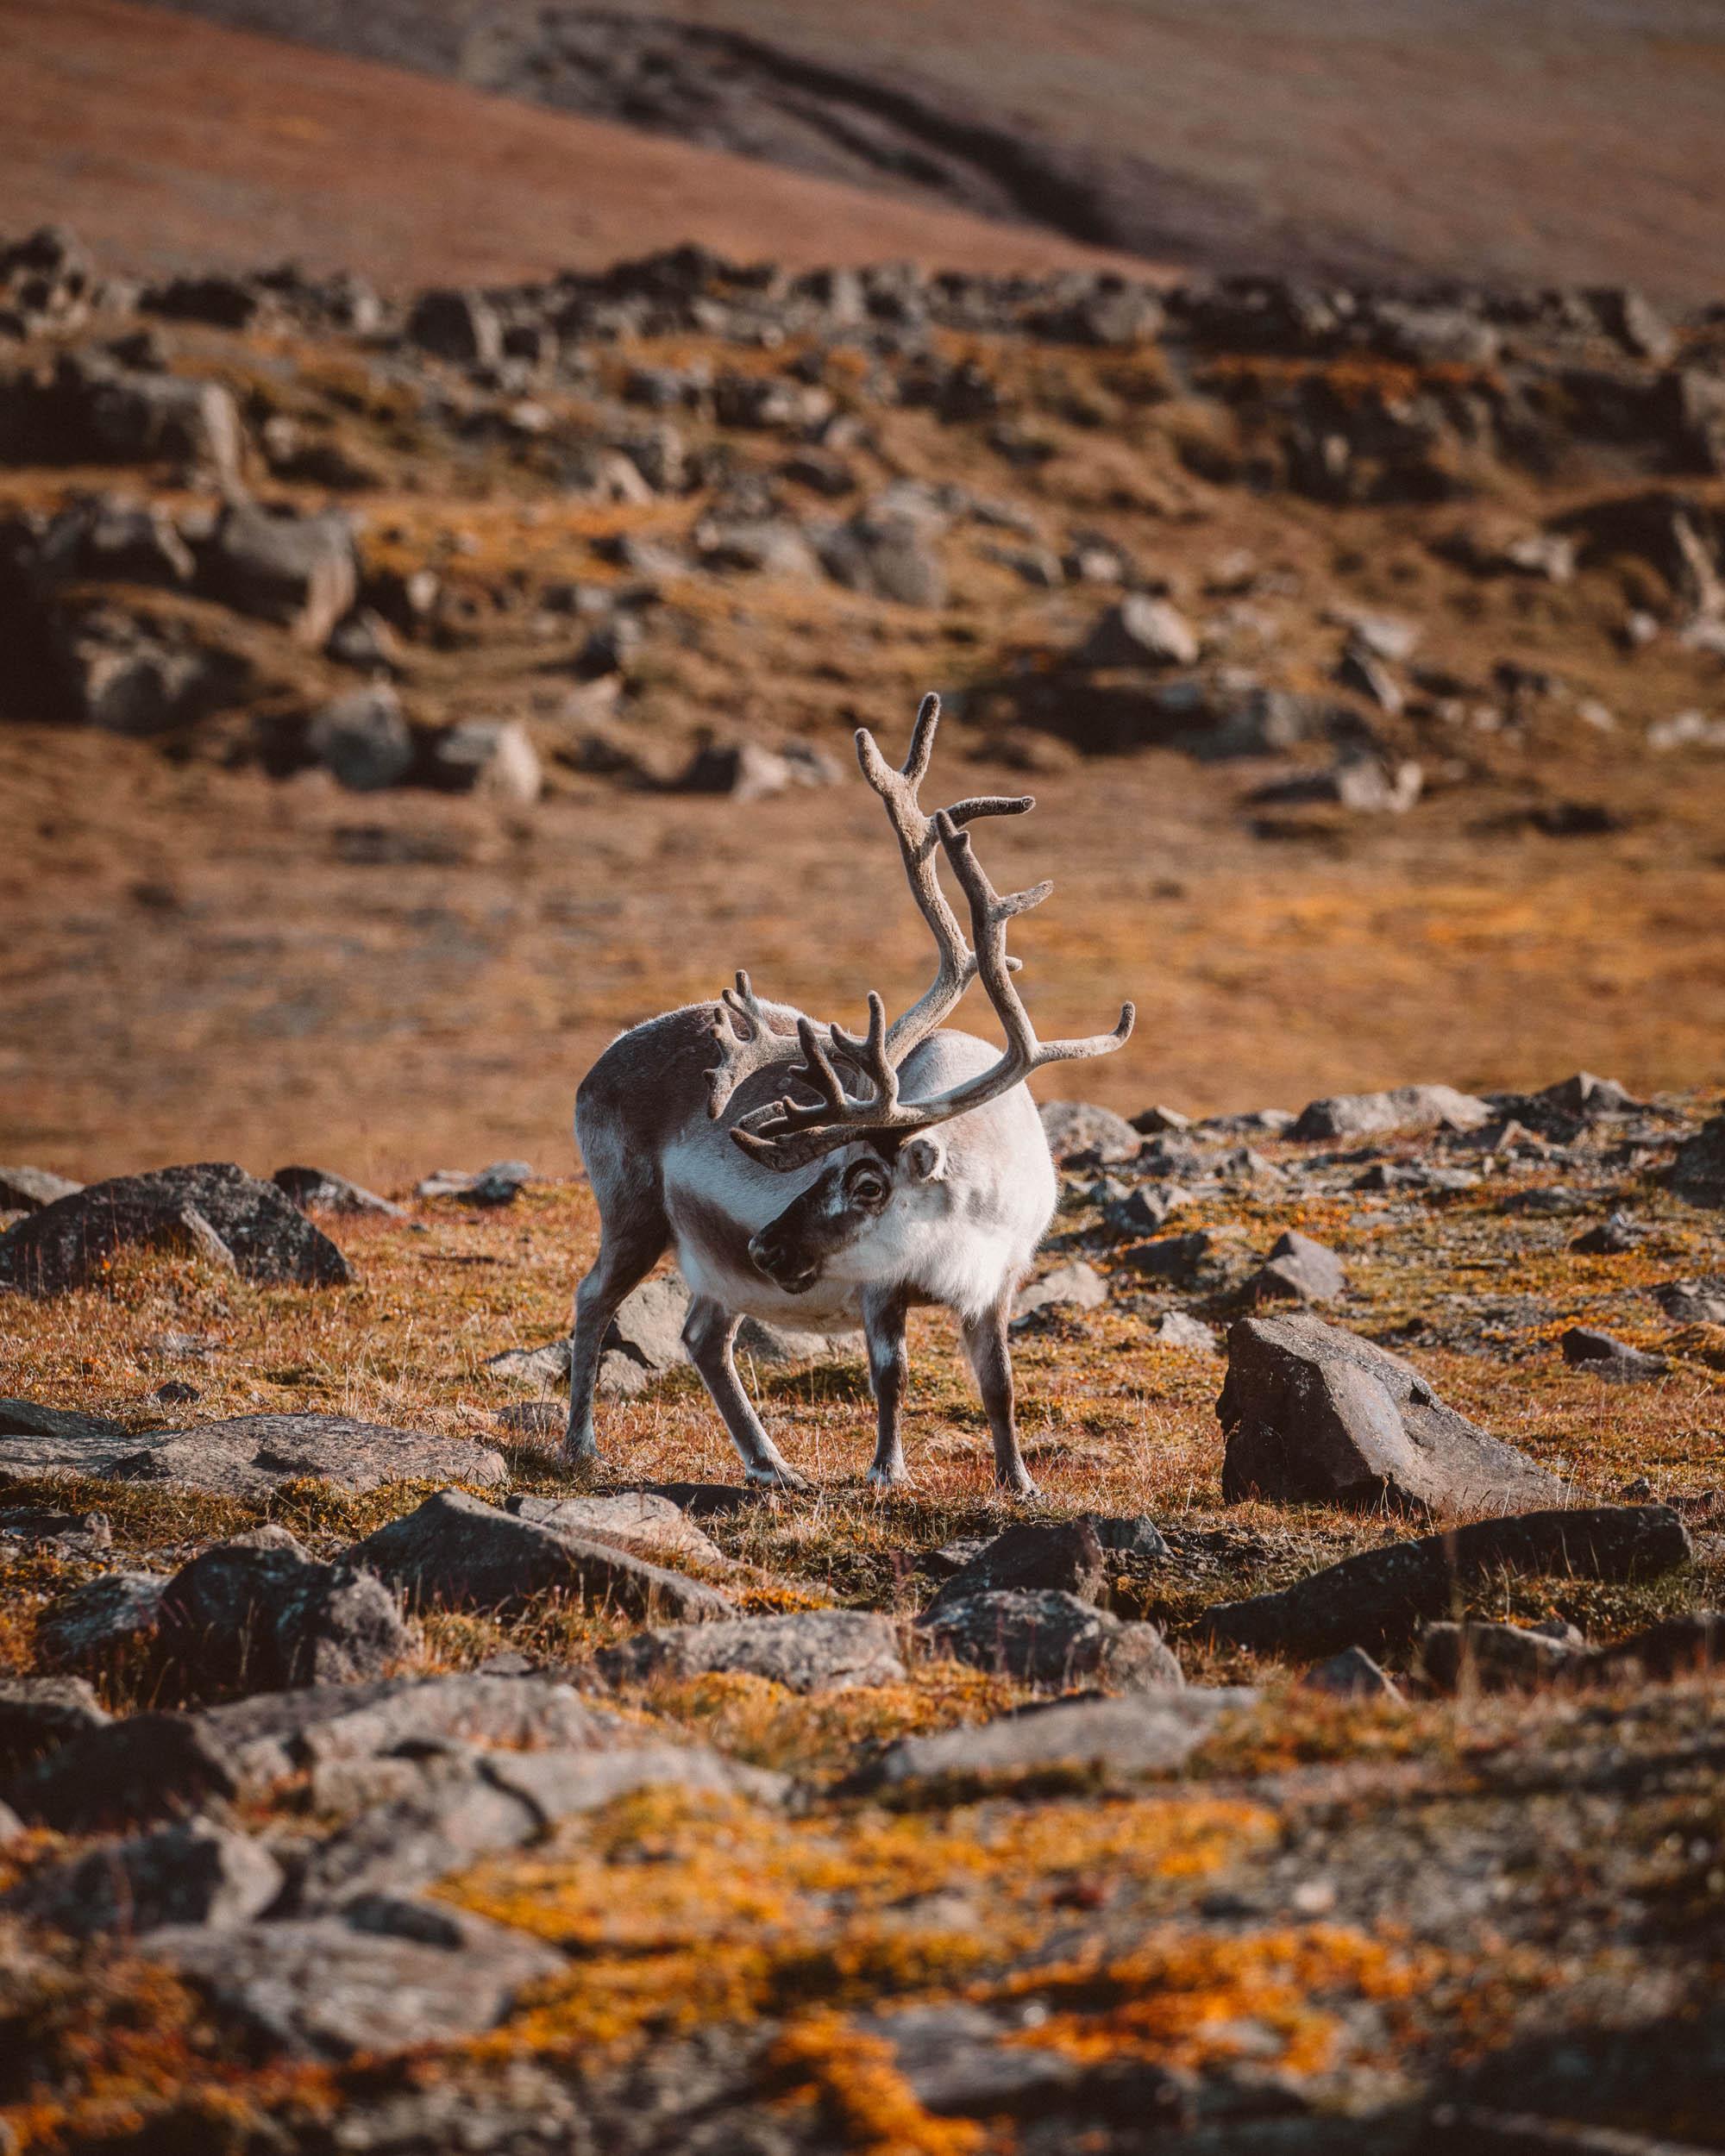 Svalbard reindeer Spitsbergen, Svalbard, Norway